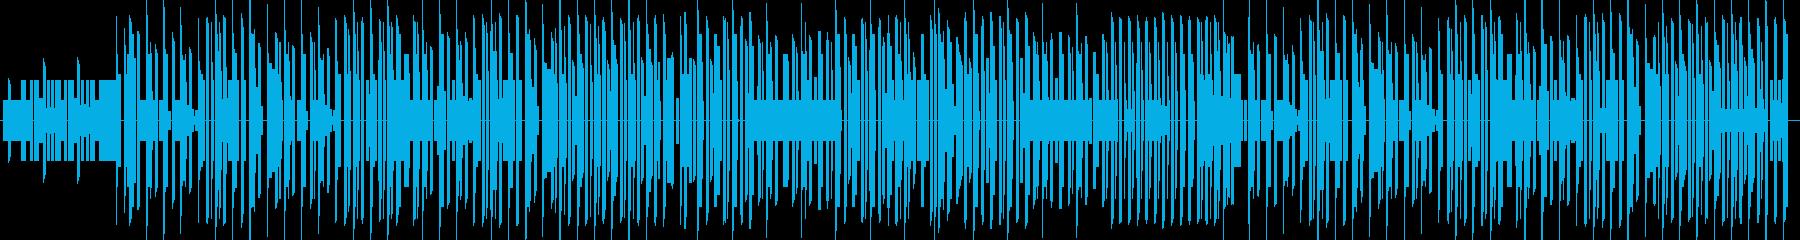 エンターティナー レトロゲーム風の再生済みの波形